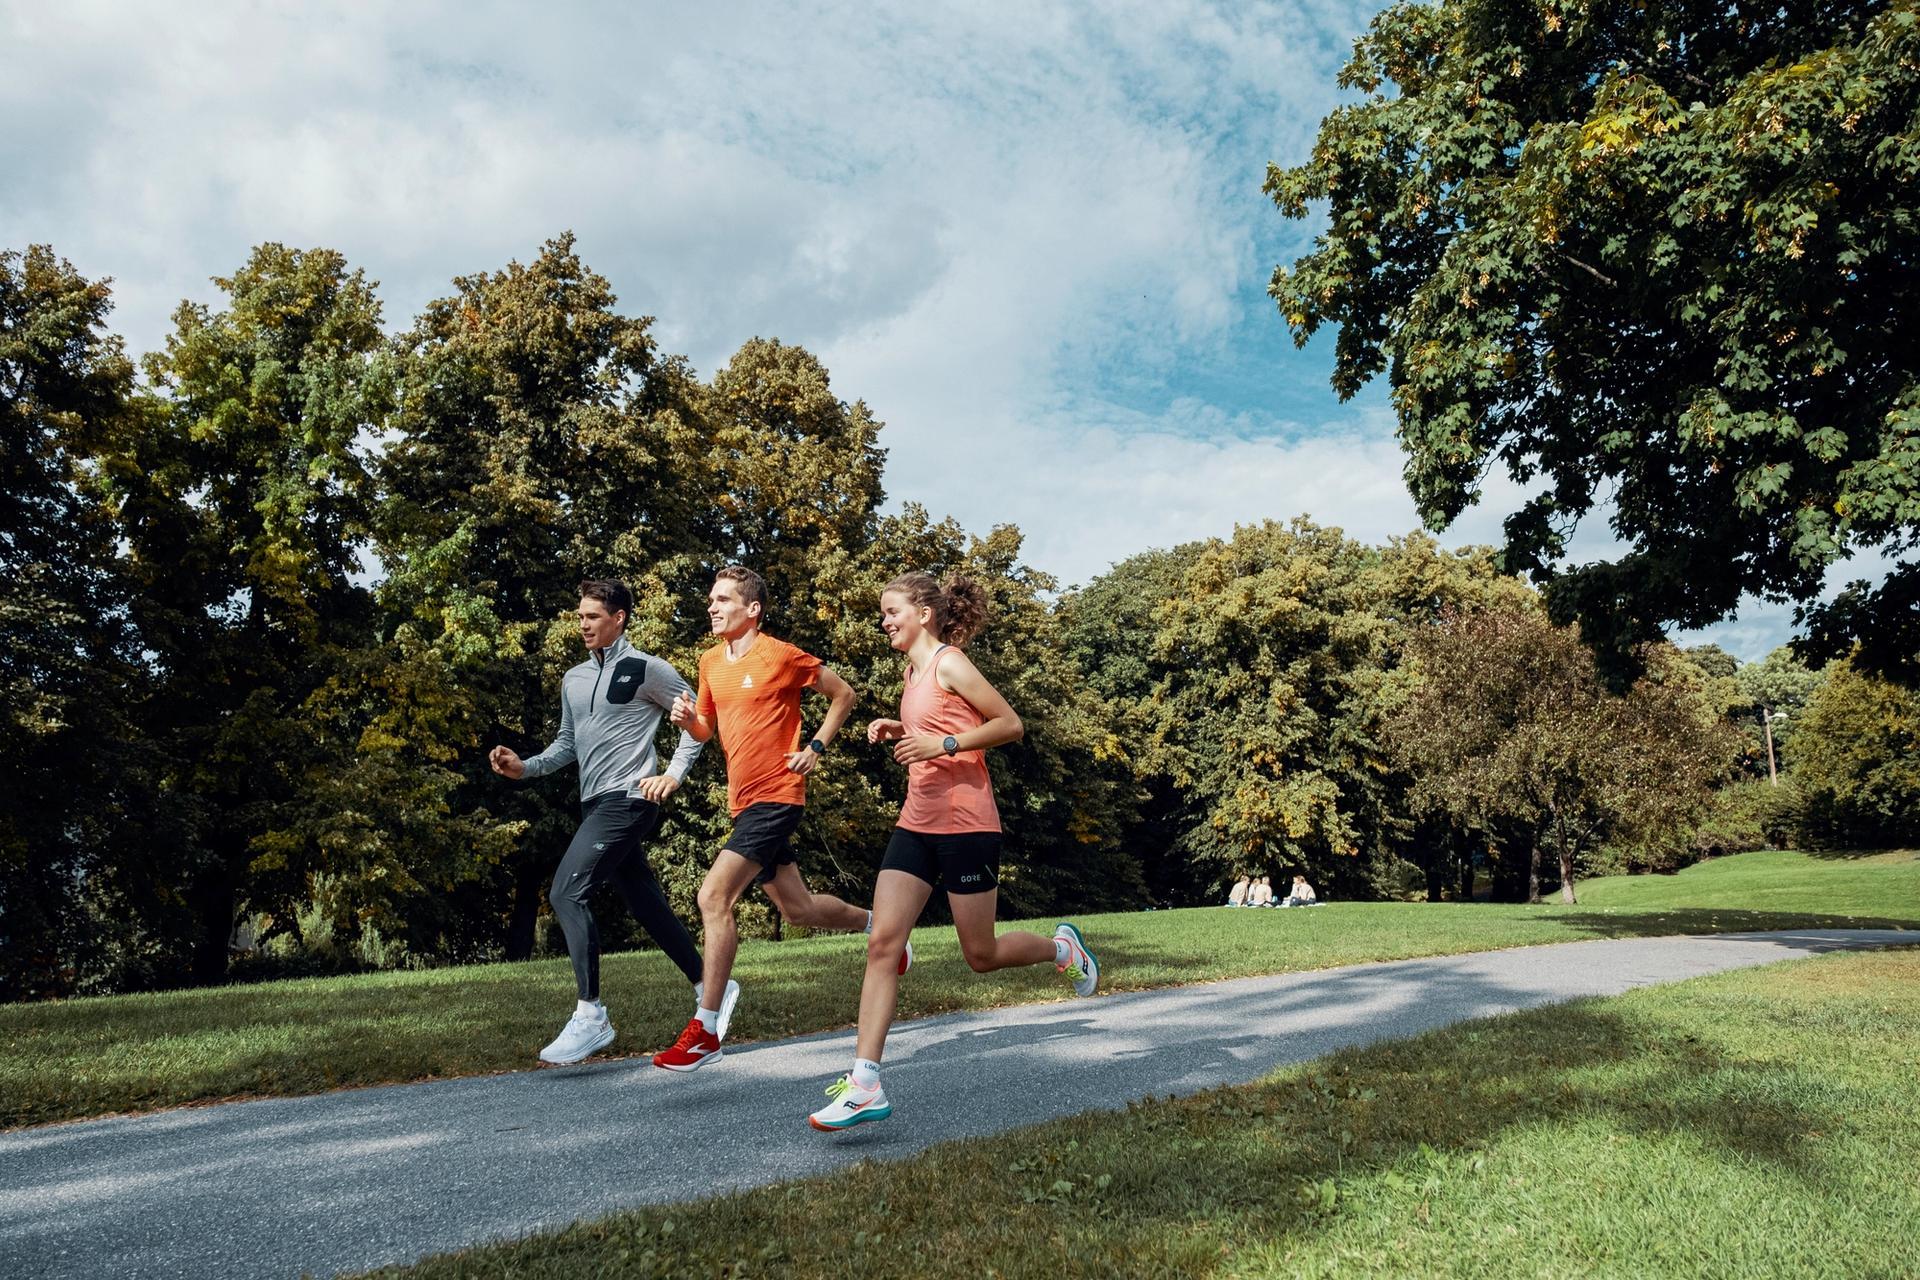 Løpere i parken